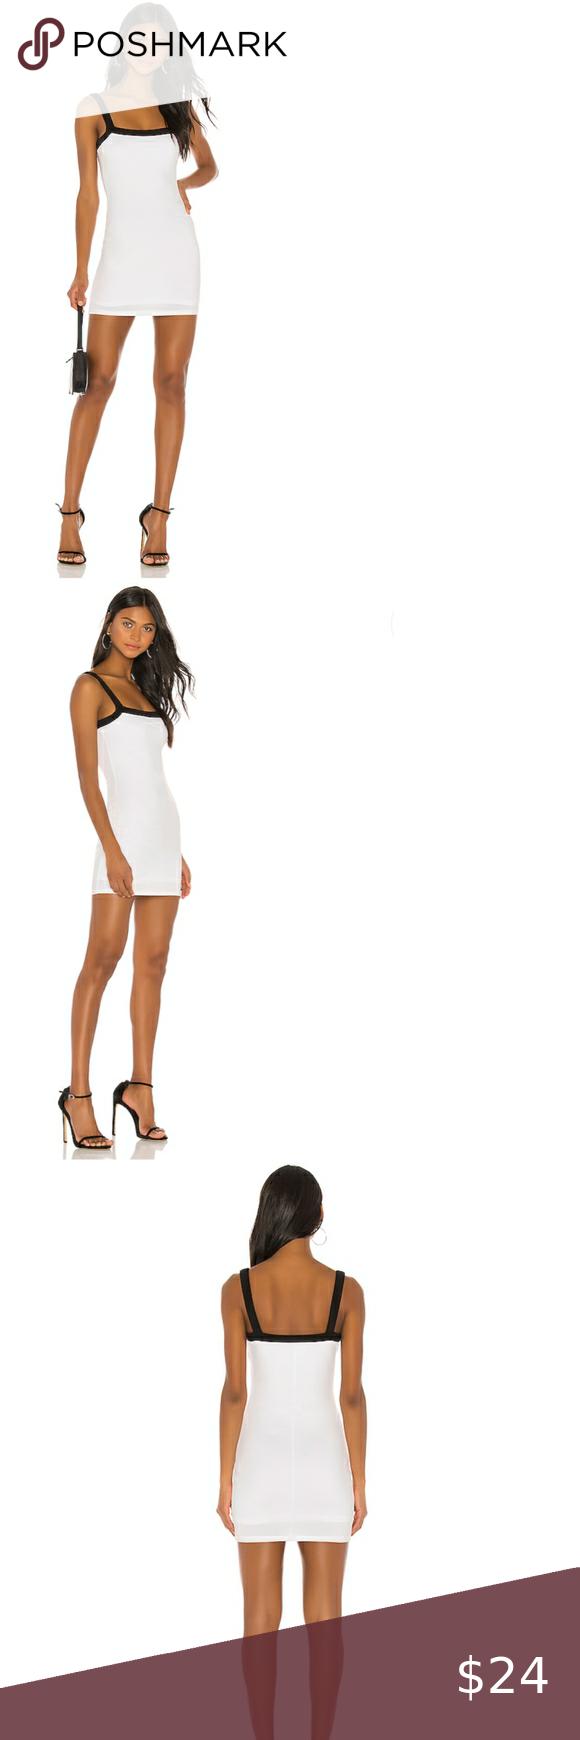 Nwt Superdown Arri Contrast Trim Mini Dress Xs Mini Tube Dress Light Pink Mini Dress Fitted Mini Dress [ 1740 x 580 Pixel ]